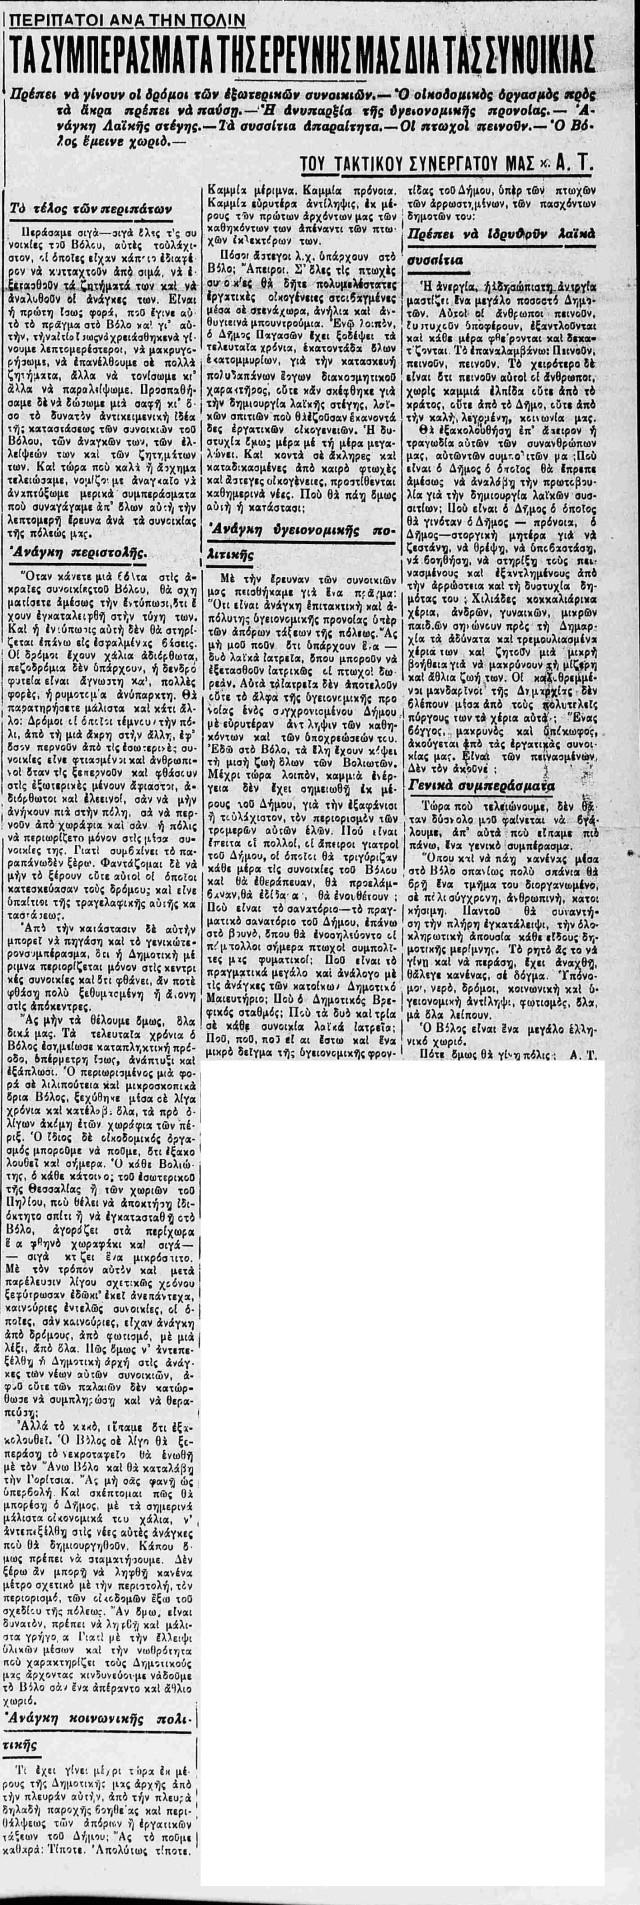 Άρθρο για τις ακραίες συνοικίες του Βόλου του Αθω Τριγκώνη στην Λαϊκή Φωνή του 1933